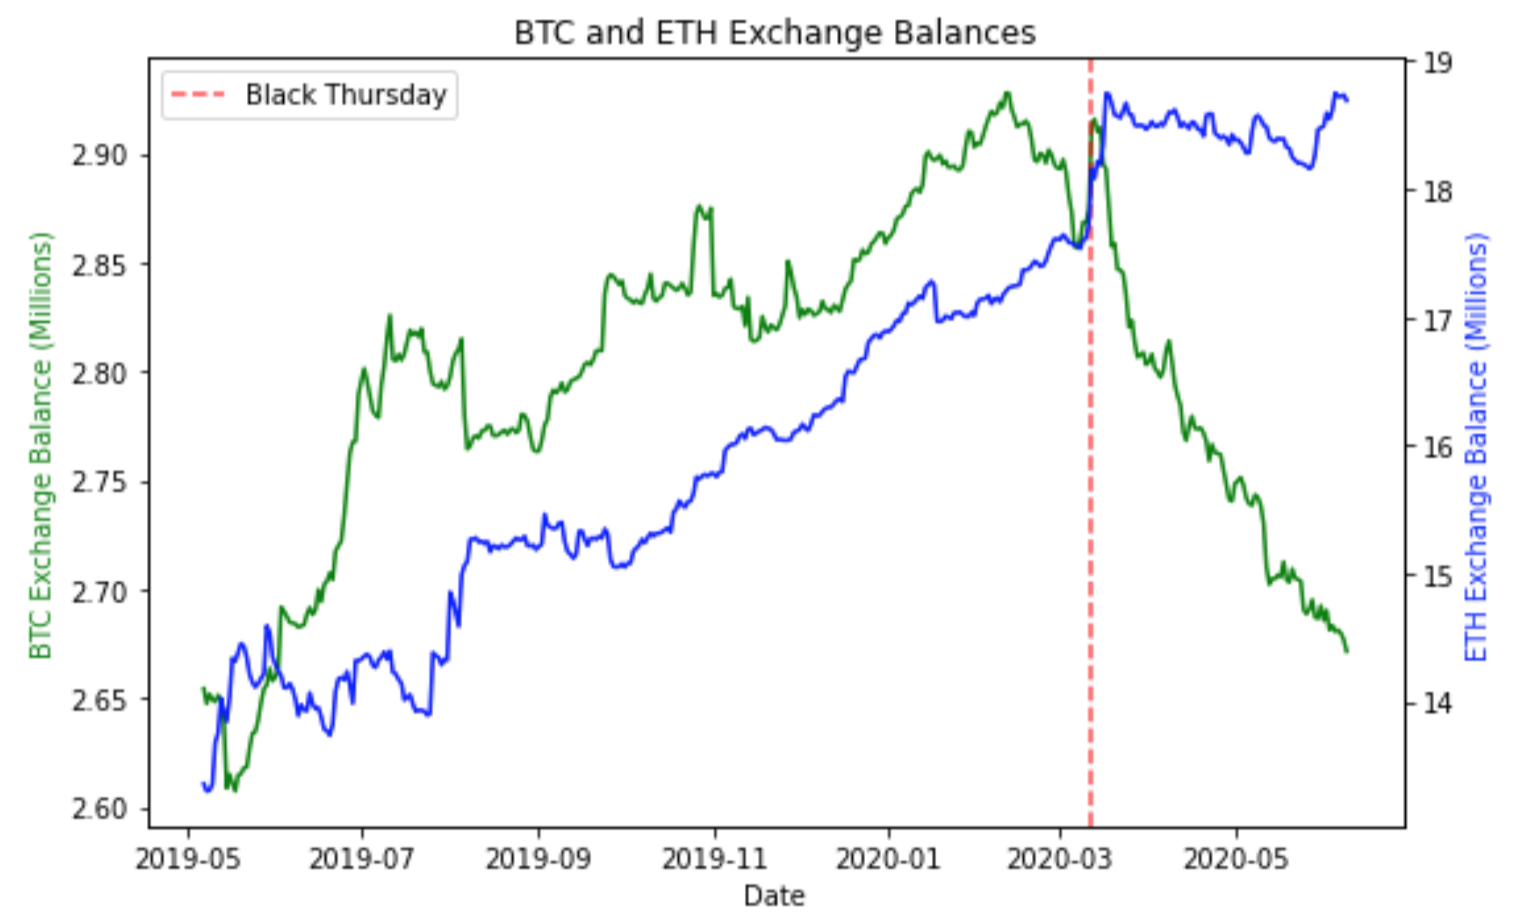 ETH, BTC exchange balance comparison